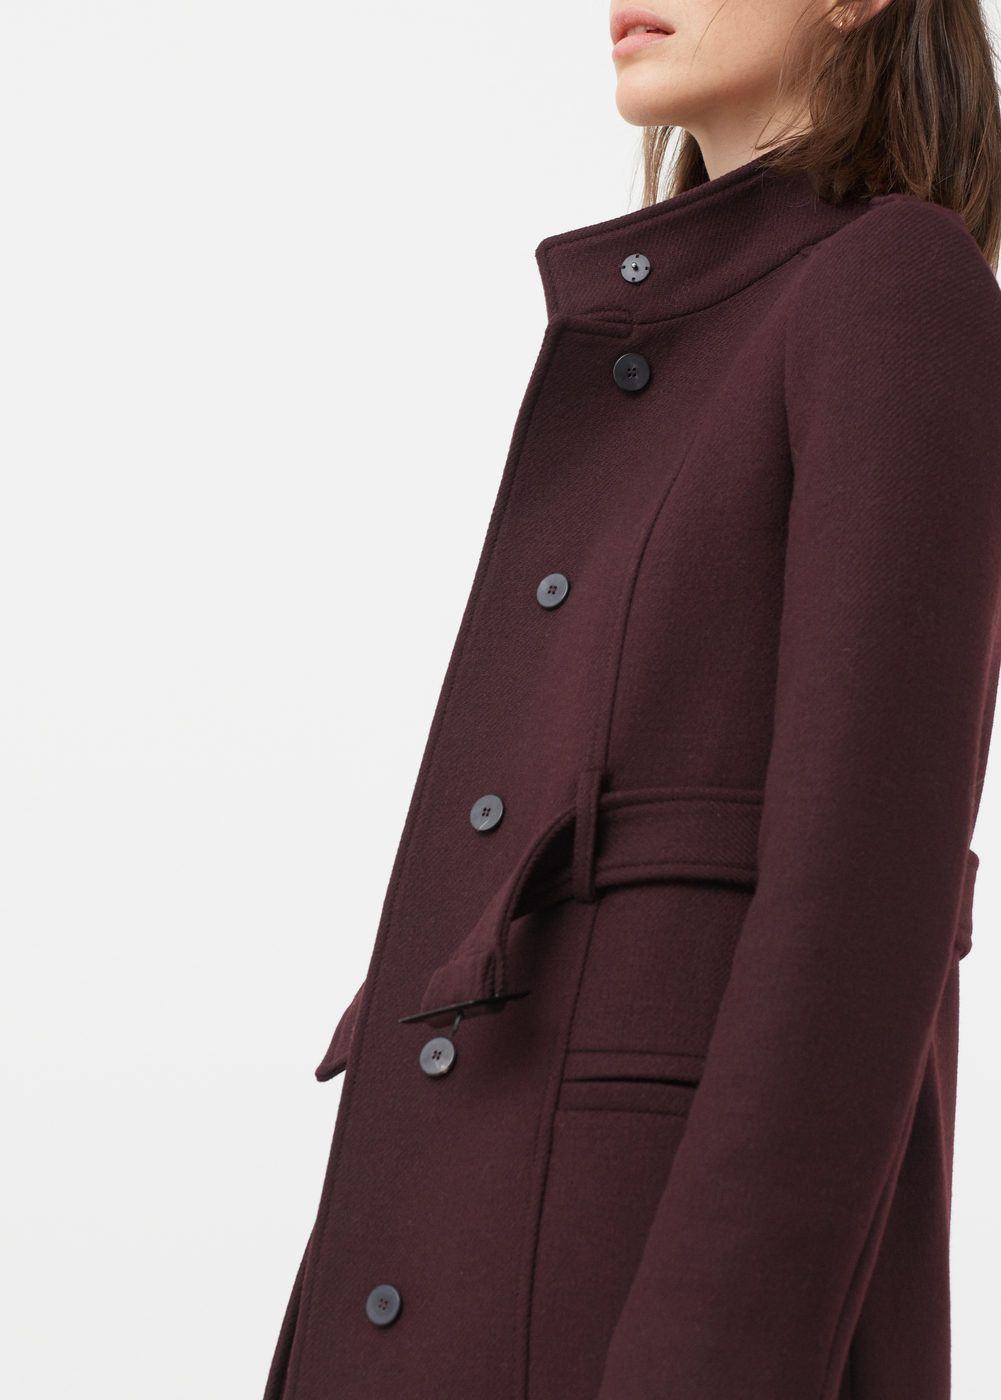 e62d172752d5 Manteau en laine avec ceinture - Femme   Coats   Belts   Pinterest ...